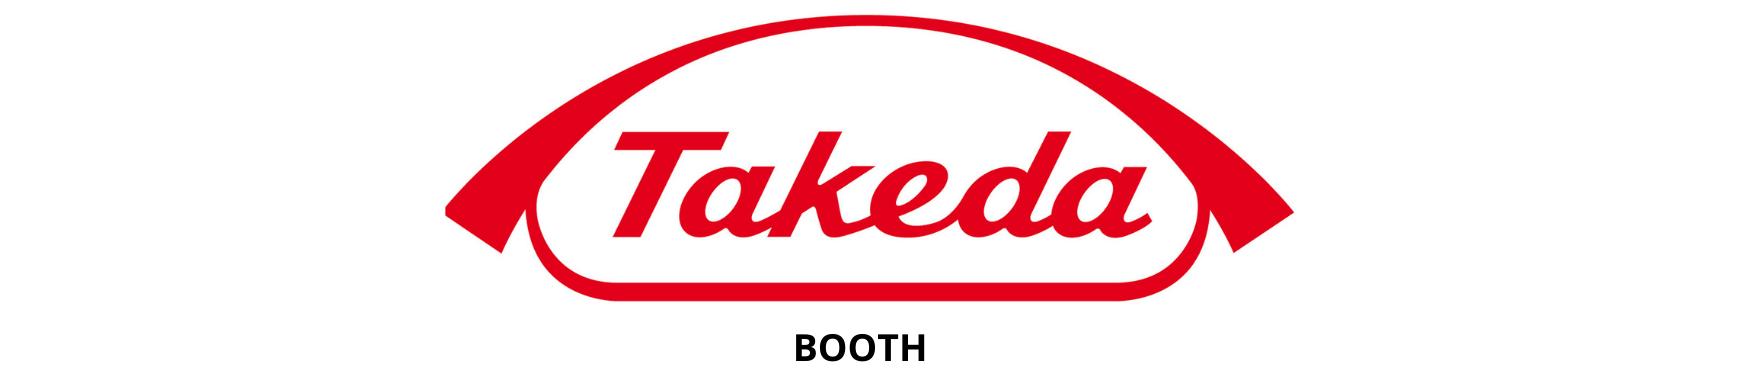 Takeda Booth